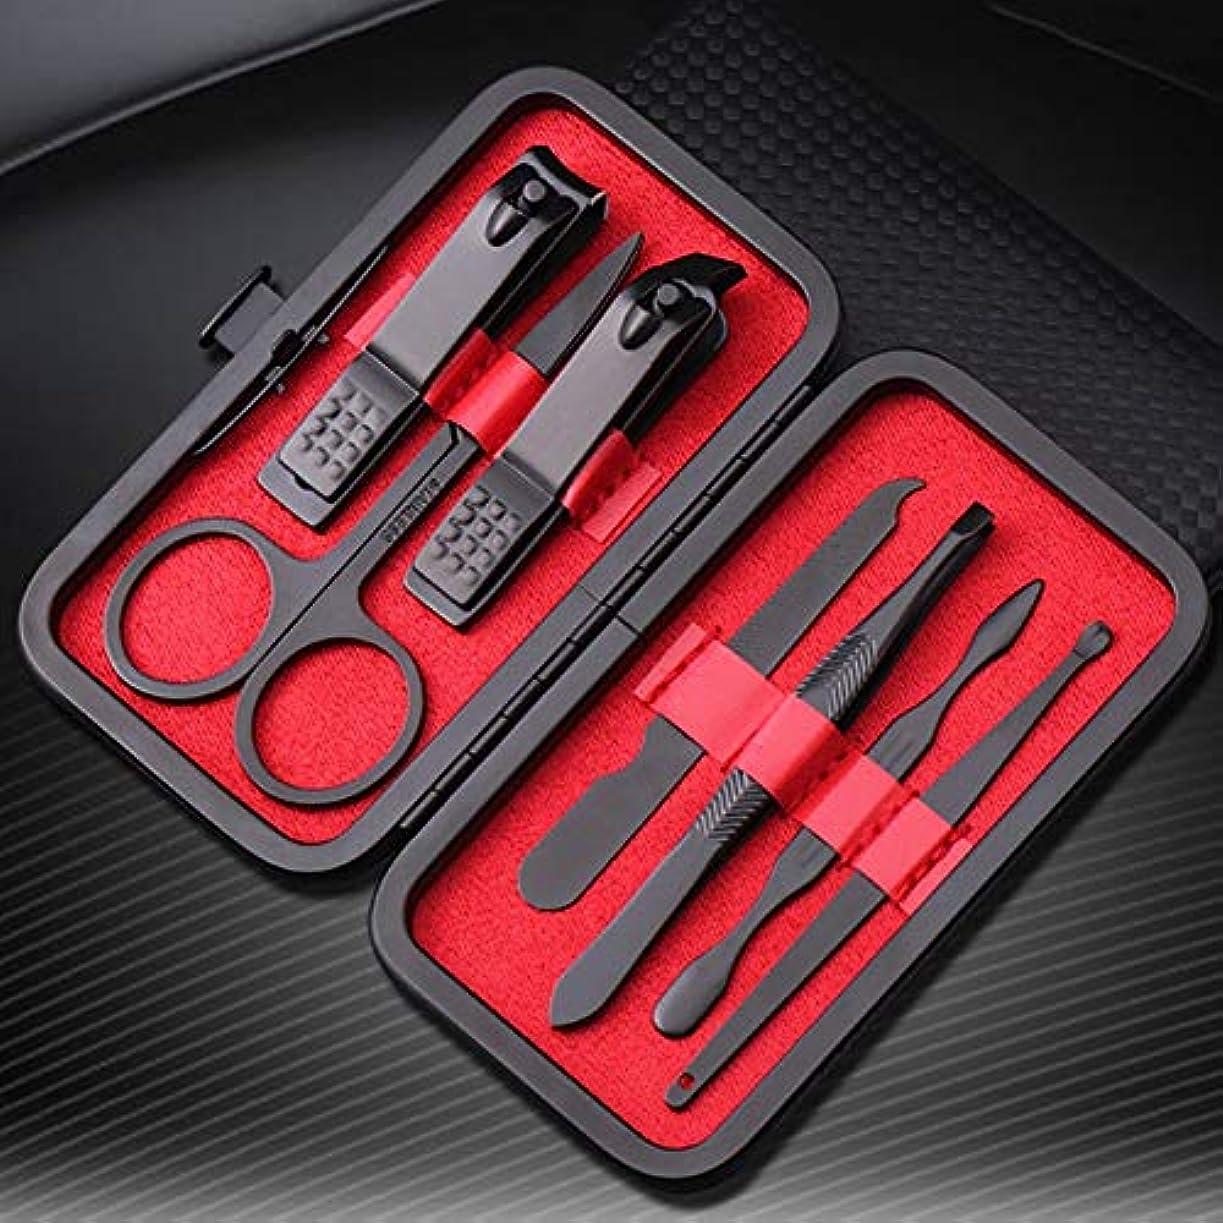 リネンルールここにYan マニキュアネイルクリッパーペディキュアセットポータブル旅行衛生キットステンレス鋼カッターツールセット